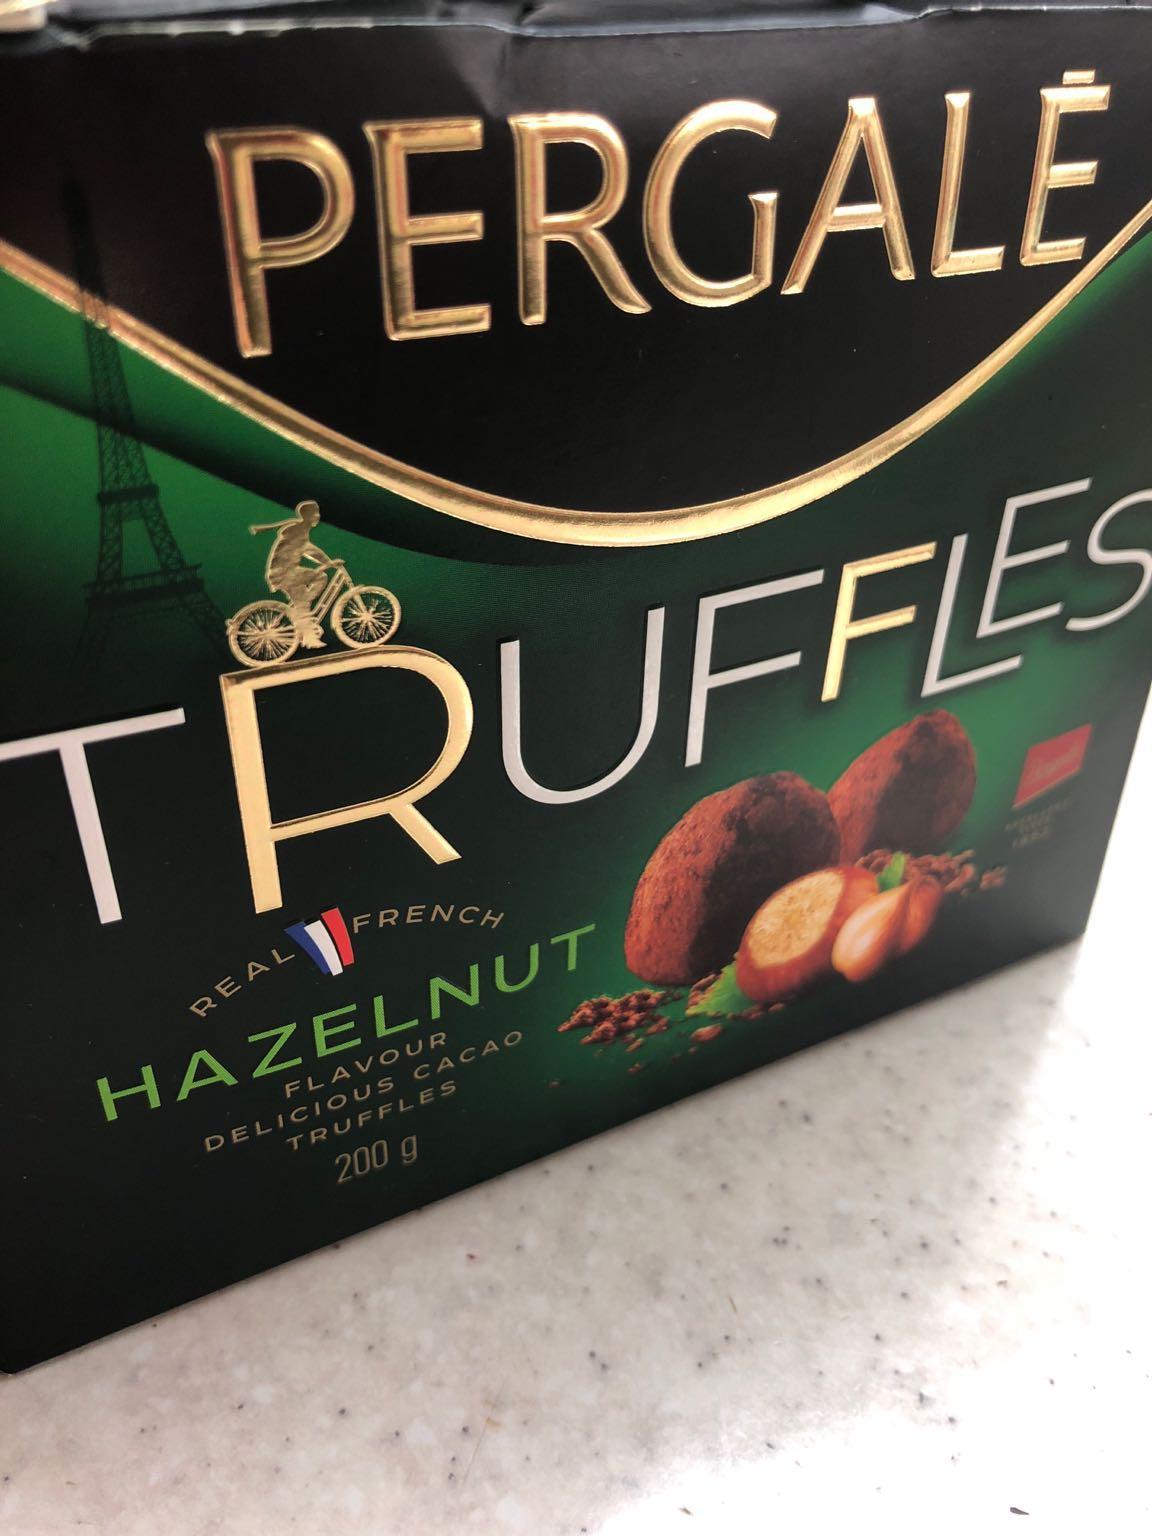 Конфеты Pergale шоколадные трюфели с ореховым вкусом